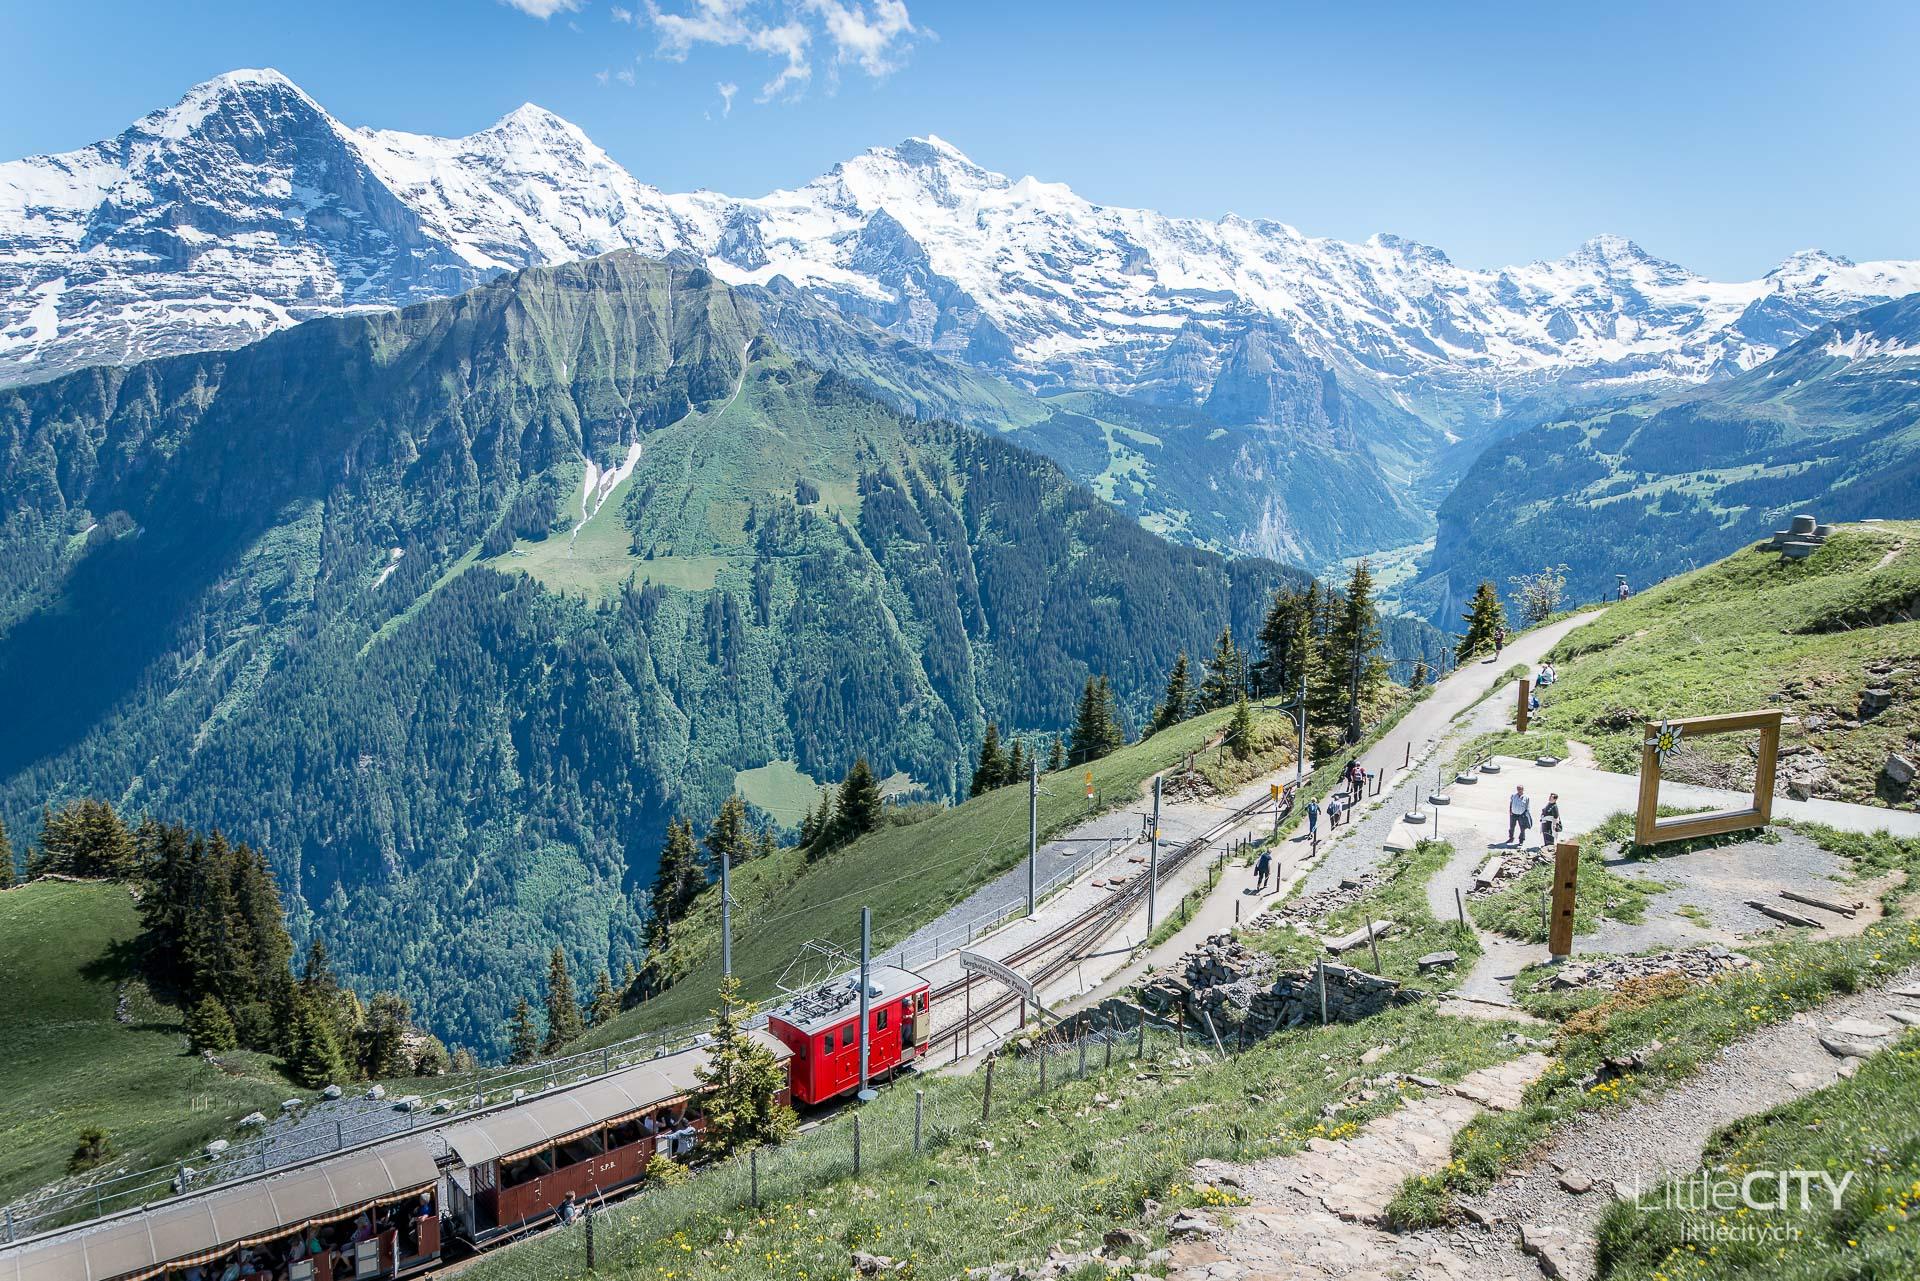 Schynige Platte Wanderung Jungfrau Bahnen LittleCITY-36